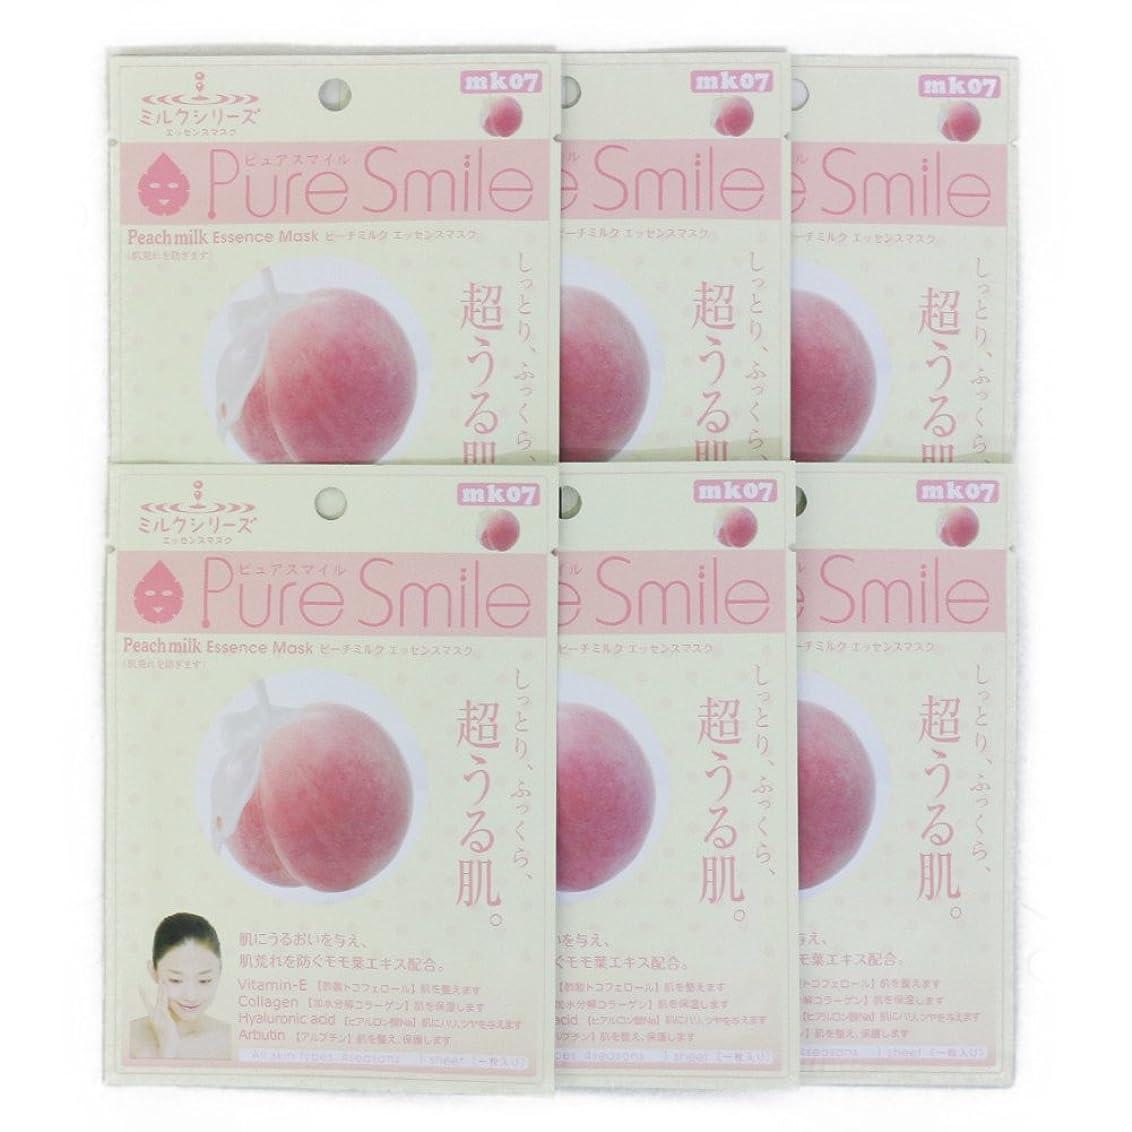 襲撃おとなしいフォアタイプPure Smile ピュアスマイル ミルクエッセンスマスク ピーチミルク 6枚セット